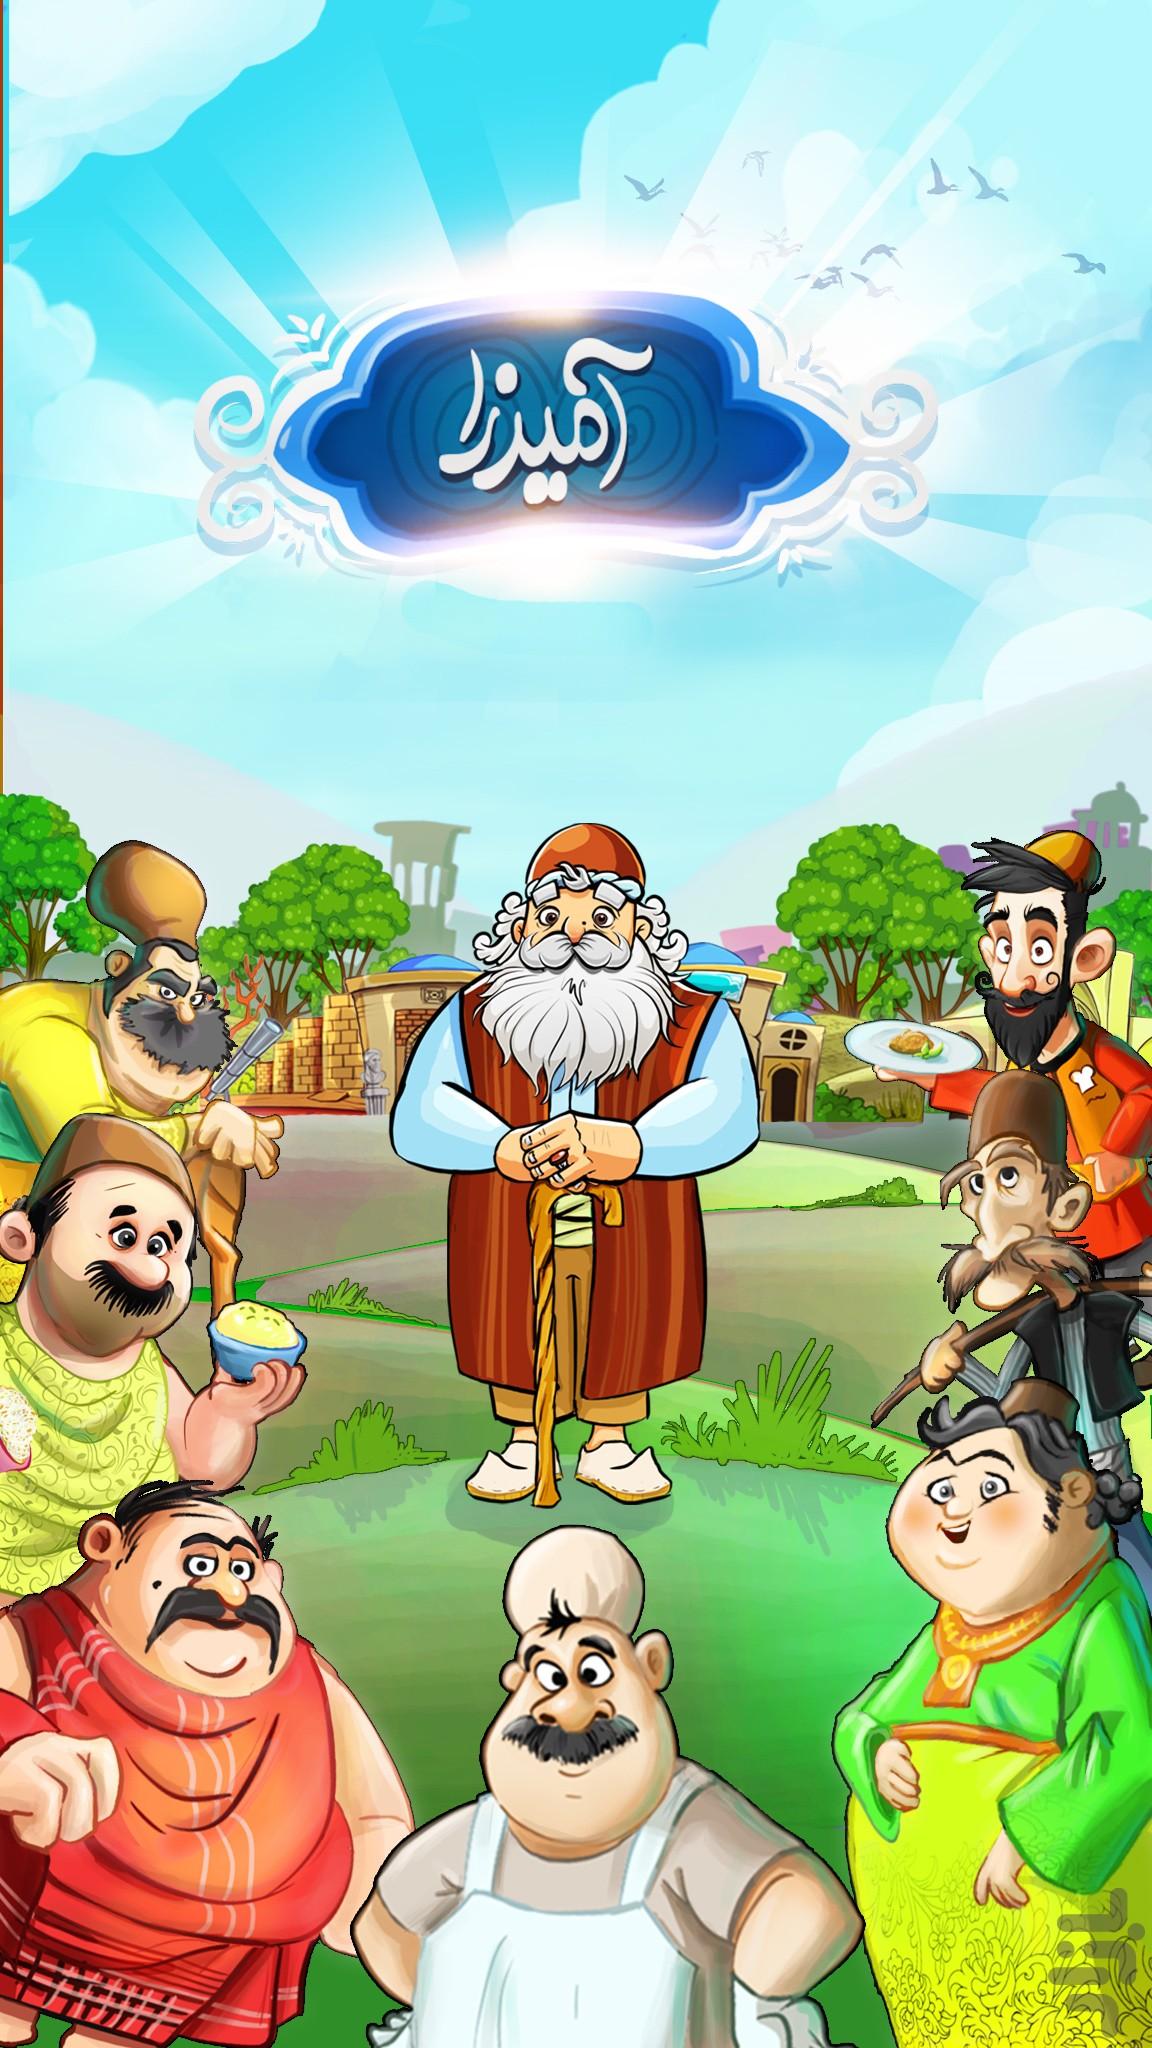 دانلود Amirza 2.5 - بازی ایرانی آمیرزا برای اندروید + جواب مراحل